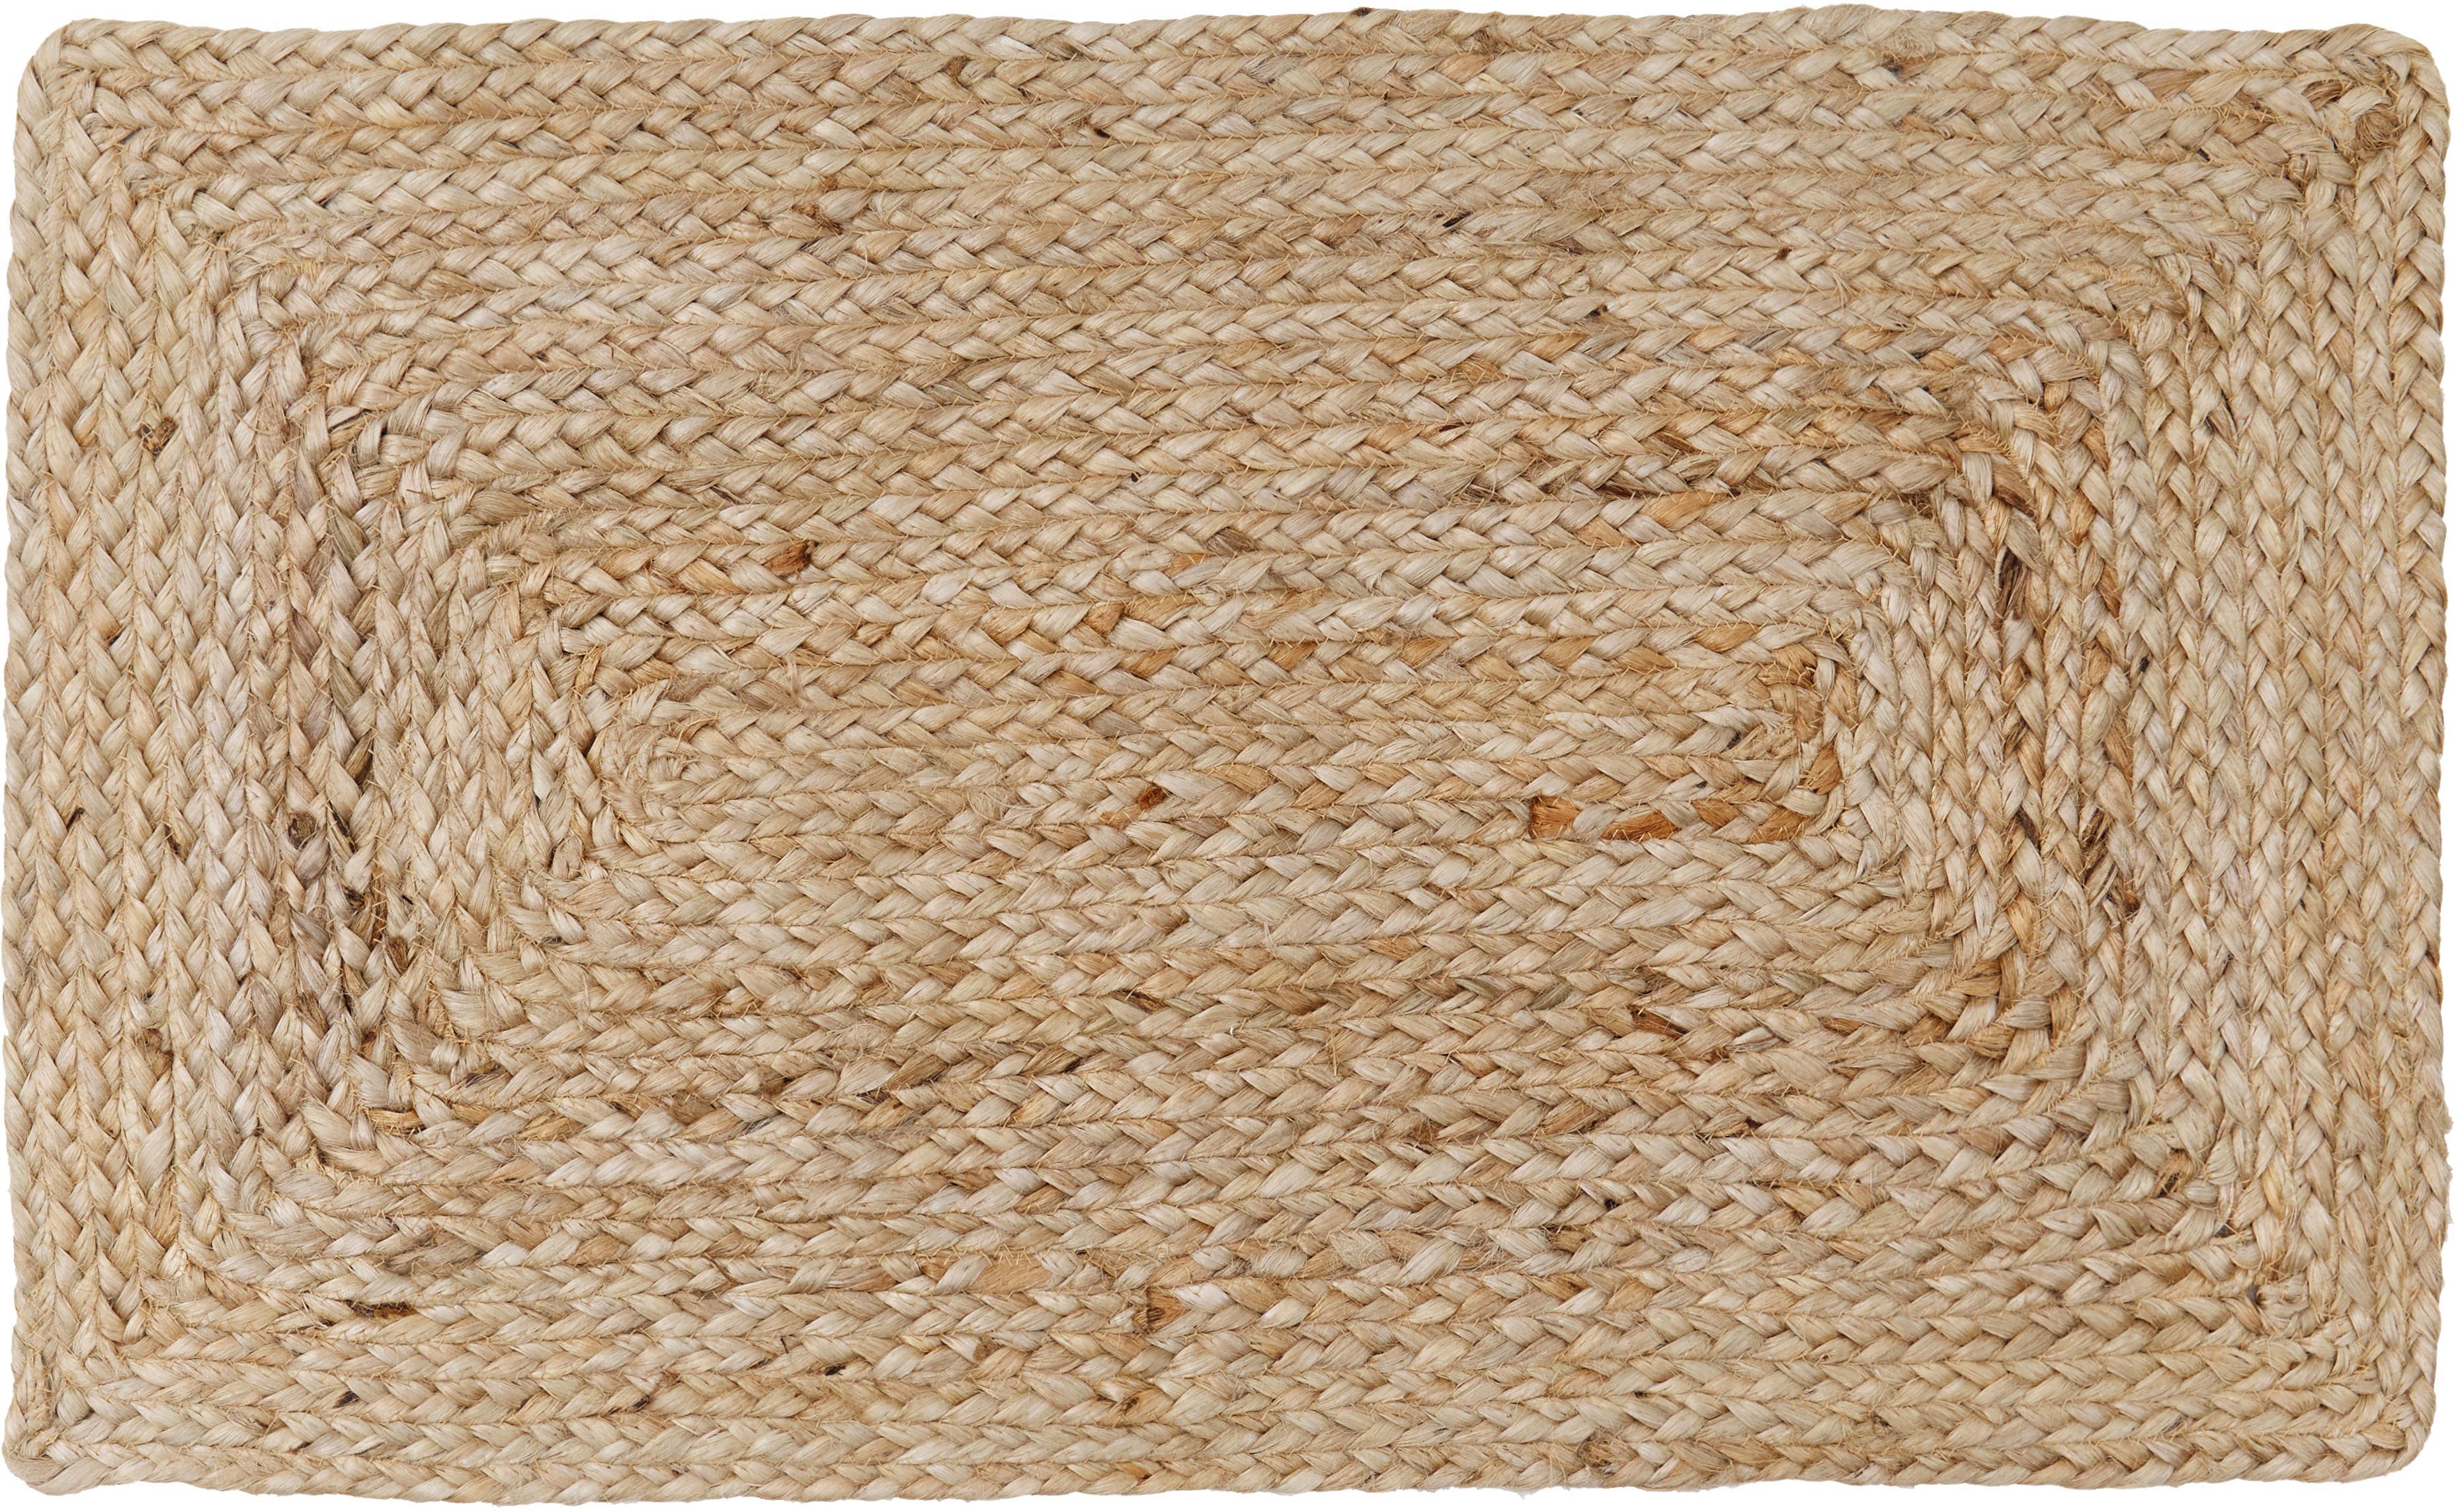 Jute-Fußmatte Ural, 100% Jute, Beige, 45 x 75 cm